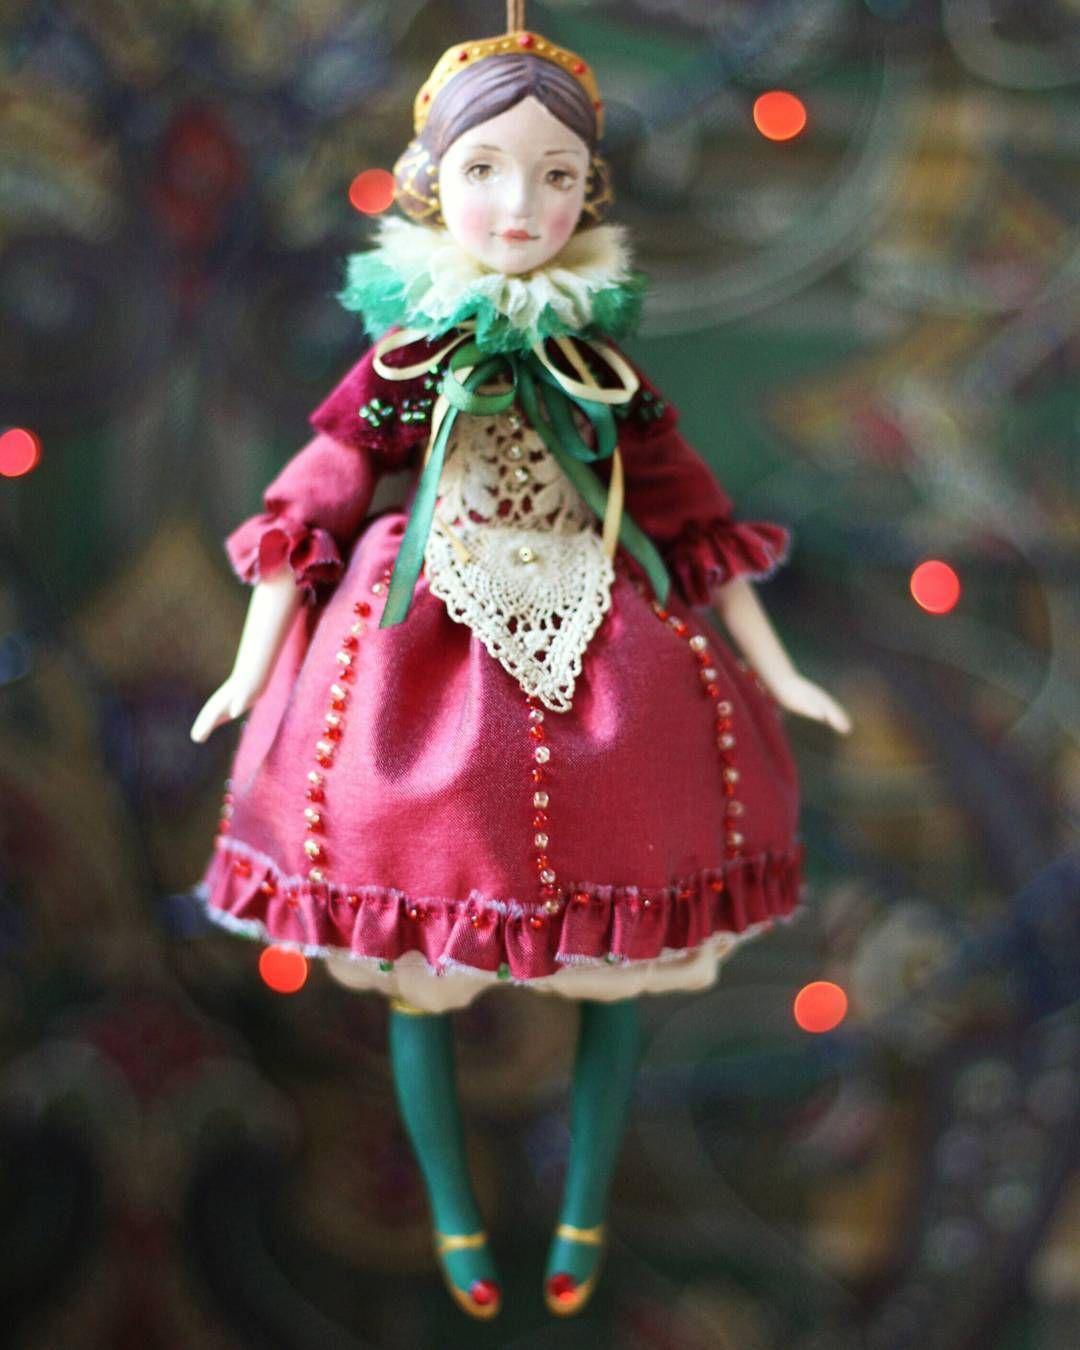 Нашла свой дом и елку . #елочноеукрашение #елочнаяигрушка #скороновыйгод #кукла #куклы_ольги_гречко #авторскаякукла #новыйгод #праздник #рождество #подарок #елка #елка2017 #doll #artdoll #treeornaments #dollmaker #newyearcomingsoon #holiday #newyear #christmas #happynewyear